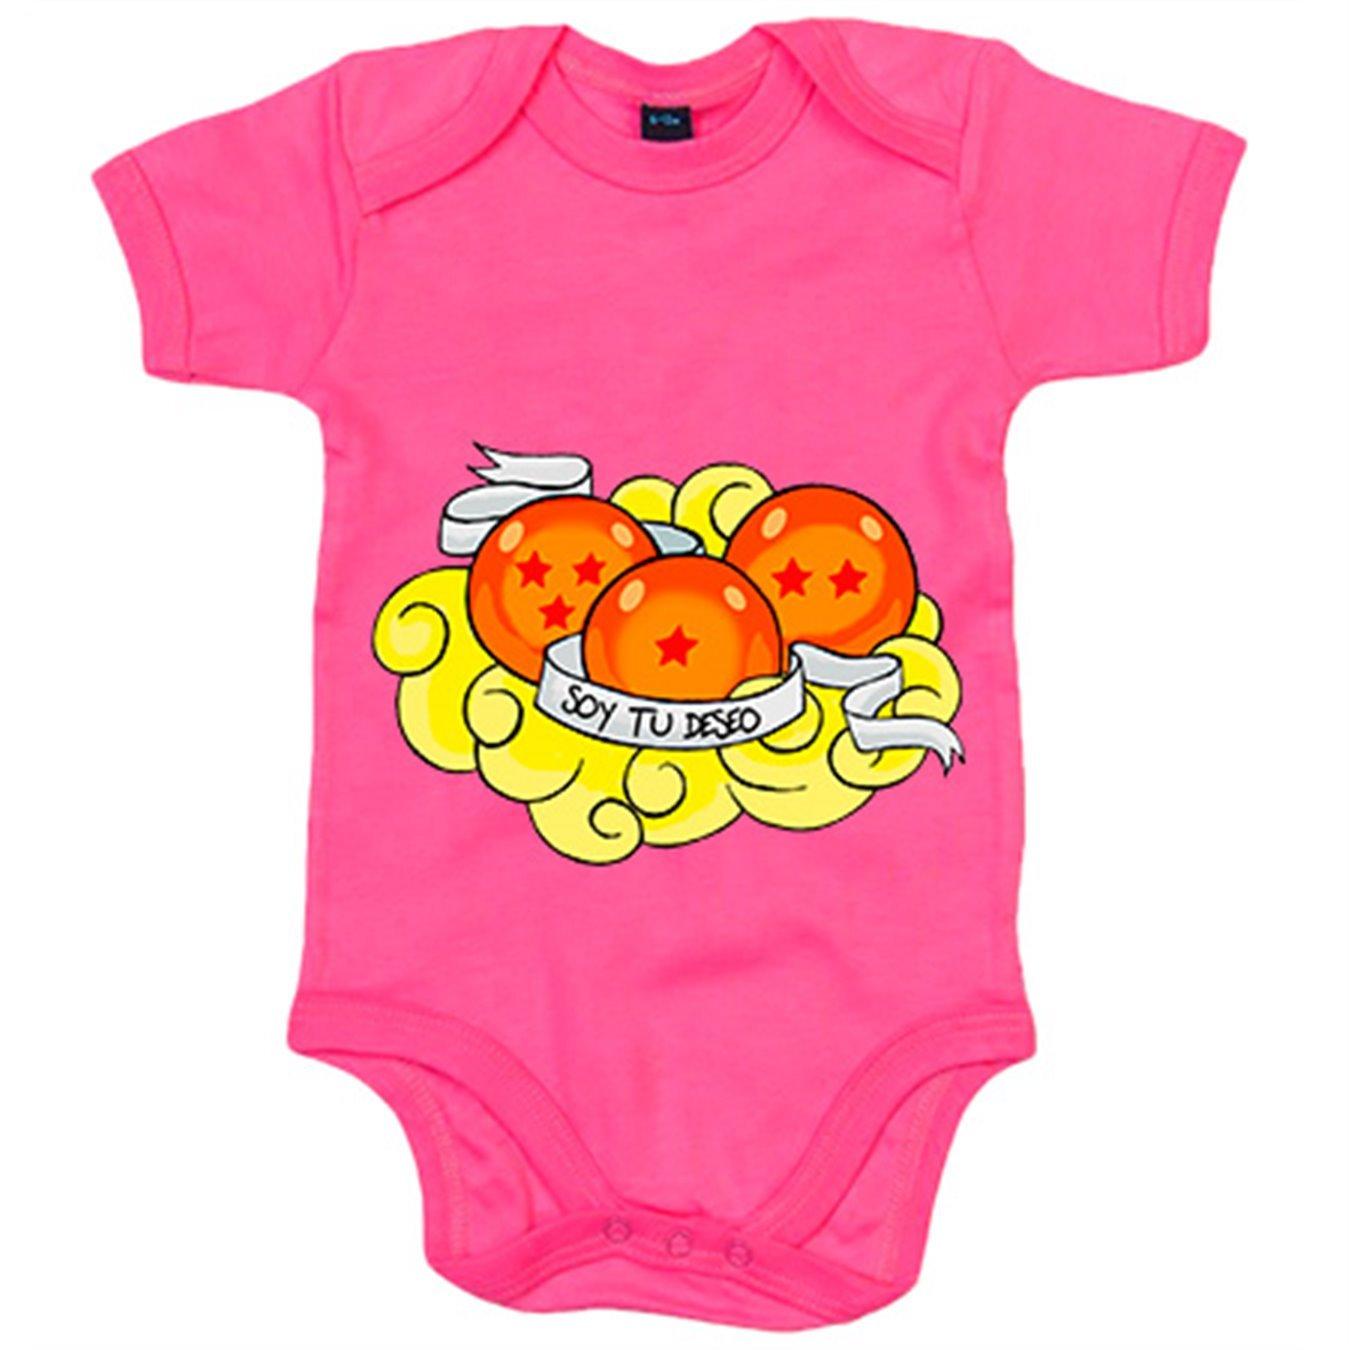 c491d74f97 Body bebé Dragon Ball soy tu deseo cumplido bolas de dragón recién nacido -  Amarillo